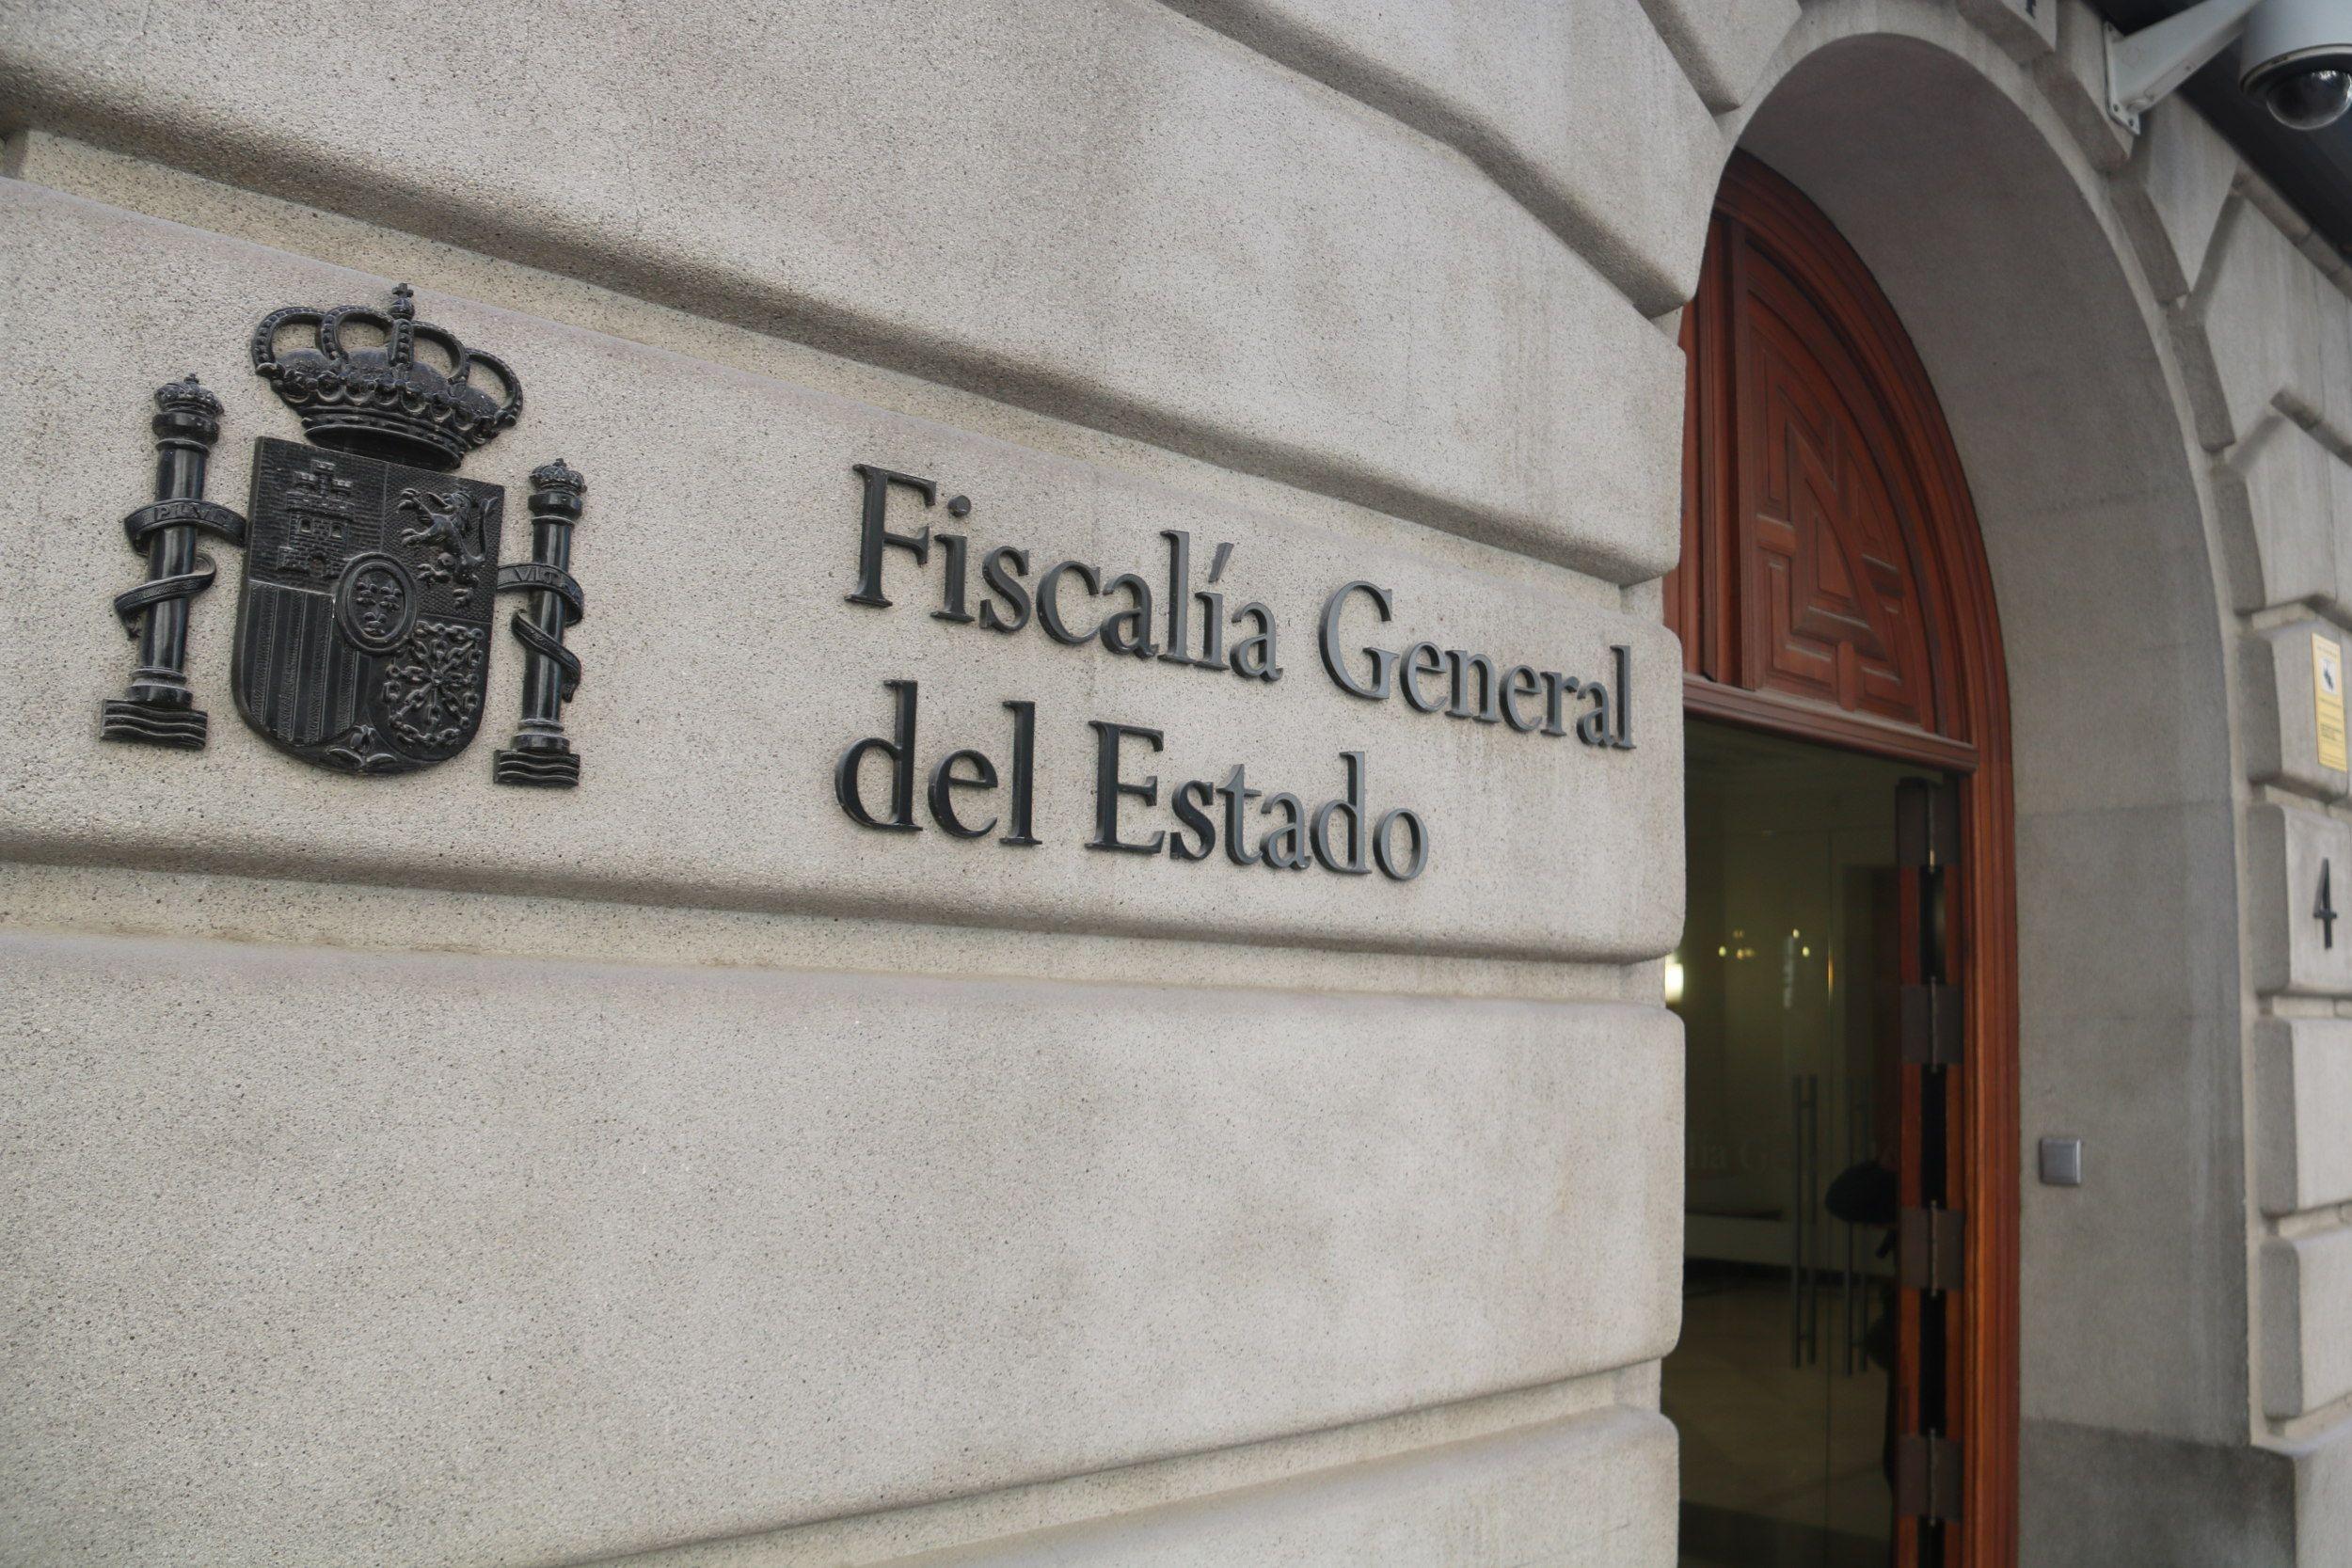 Fiscalia General de l'Estat